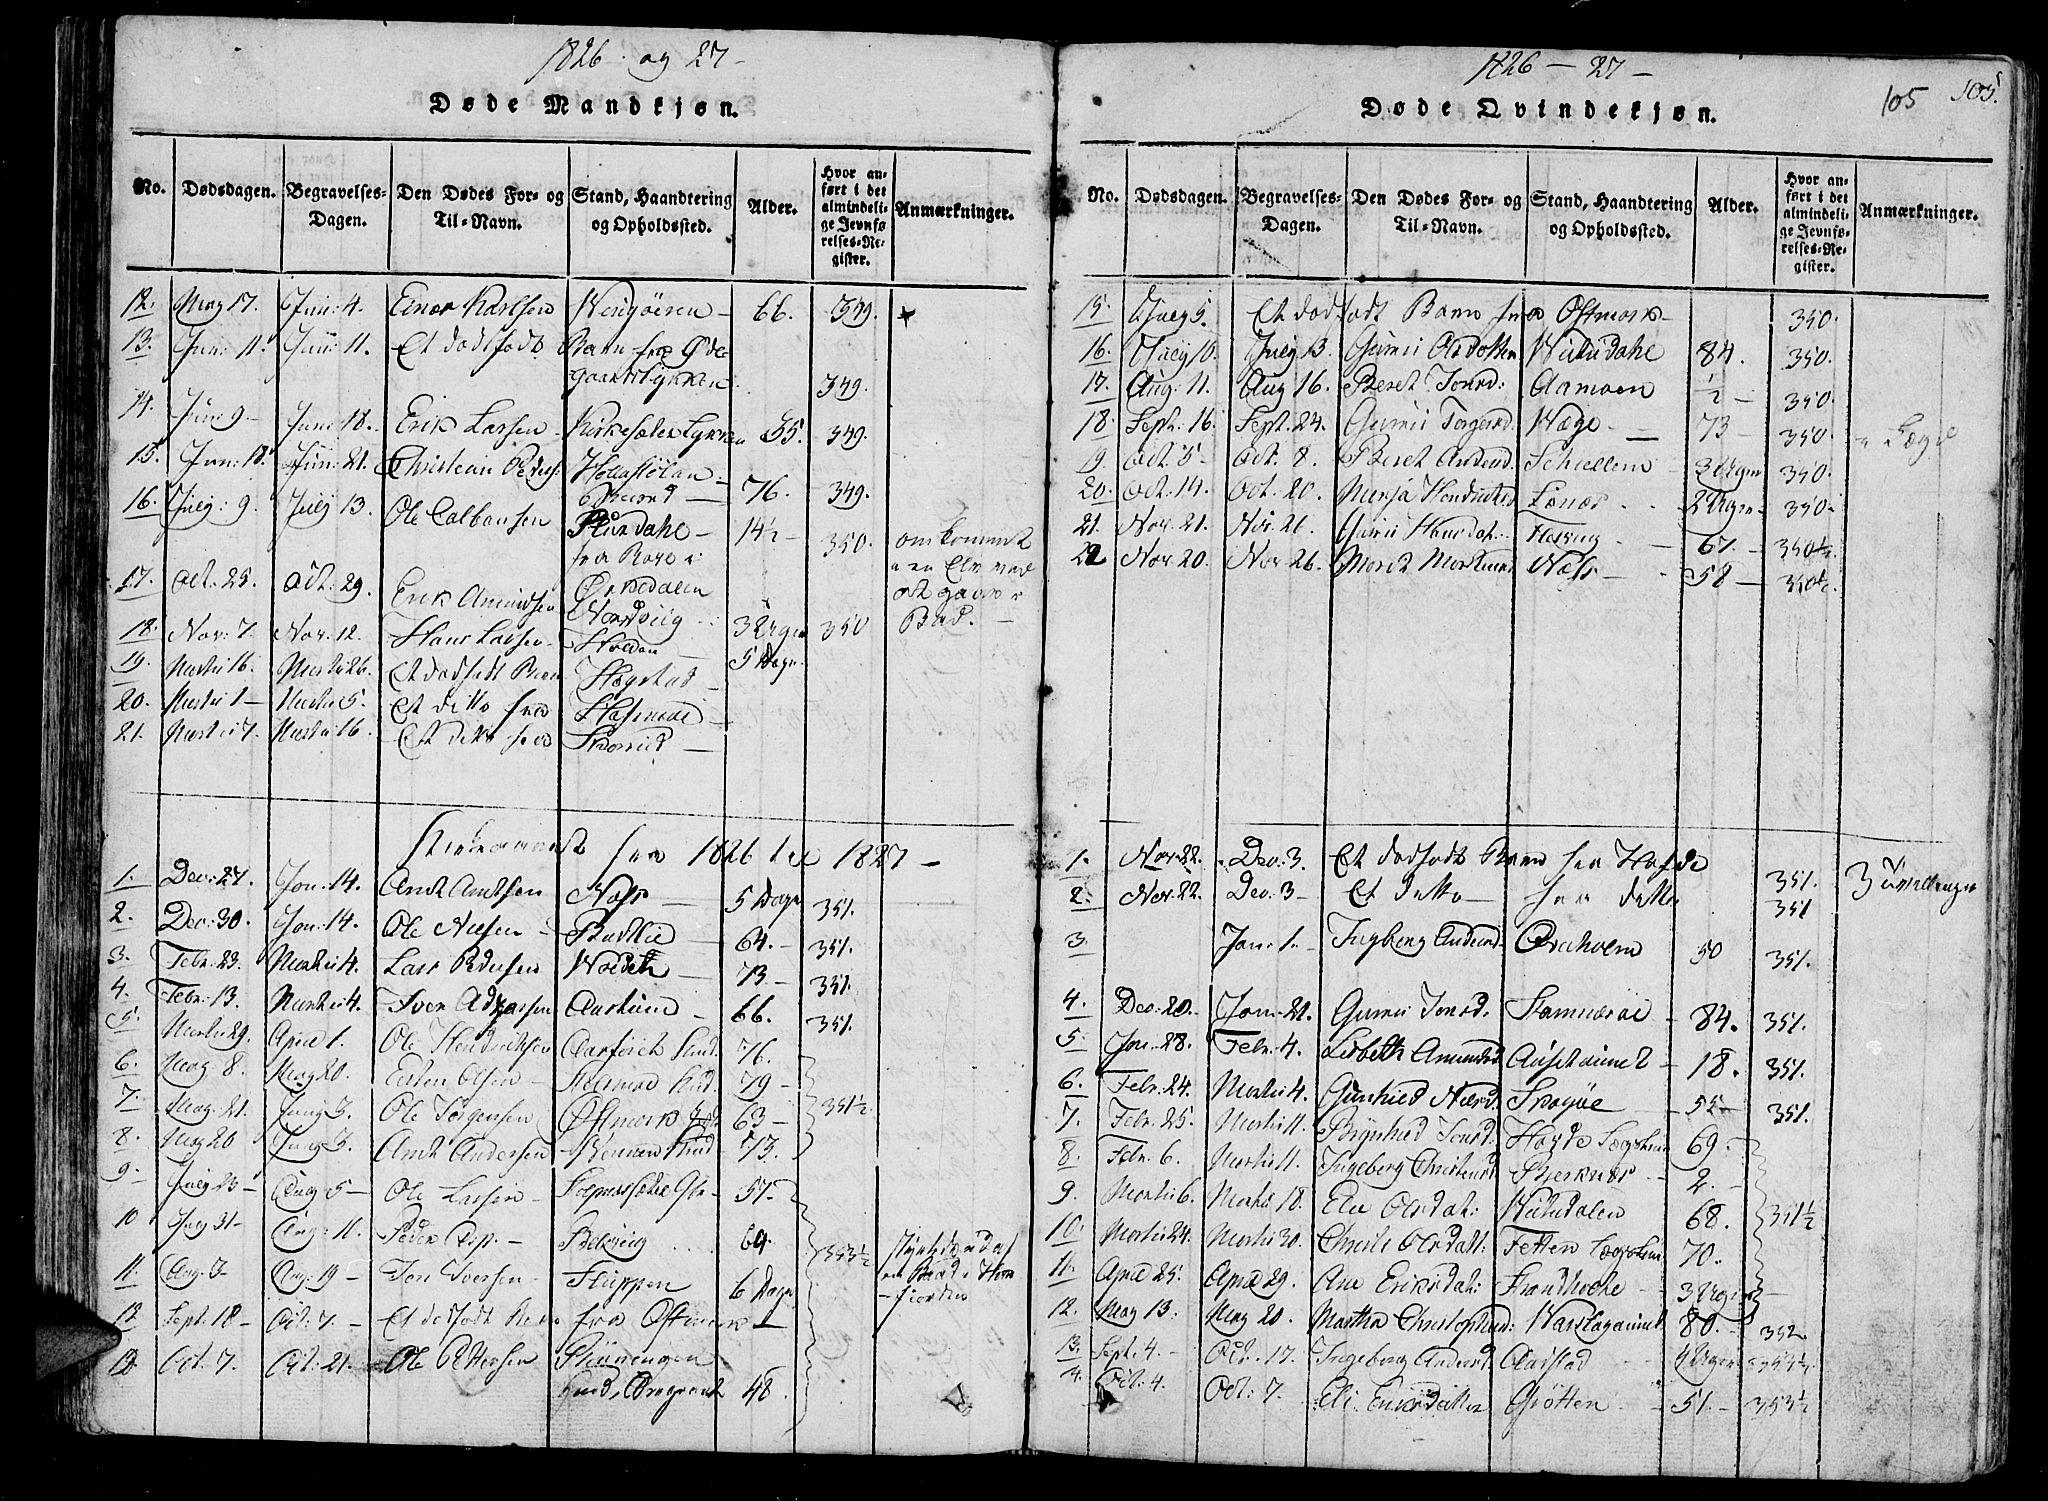 SAT, Ministerialprotokoller, klokkerbøker og fødselsregistre - Sør-Trøndelag, 630/L0491: Ministerialbok nr. 630A04, 1818-1830, s. 105